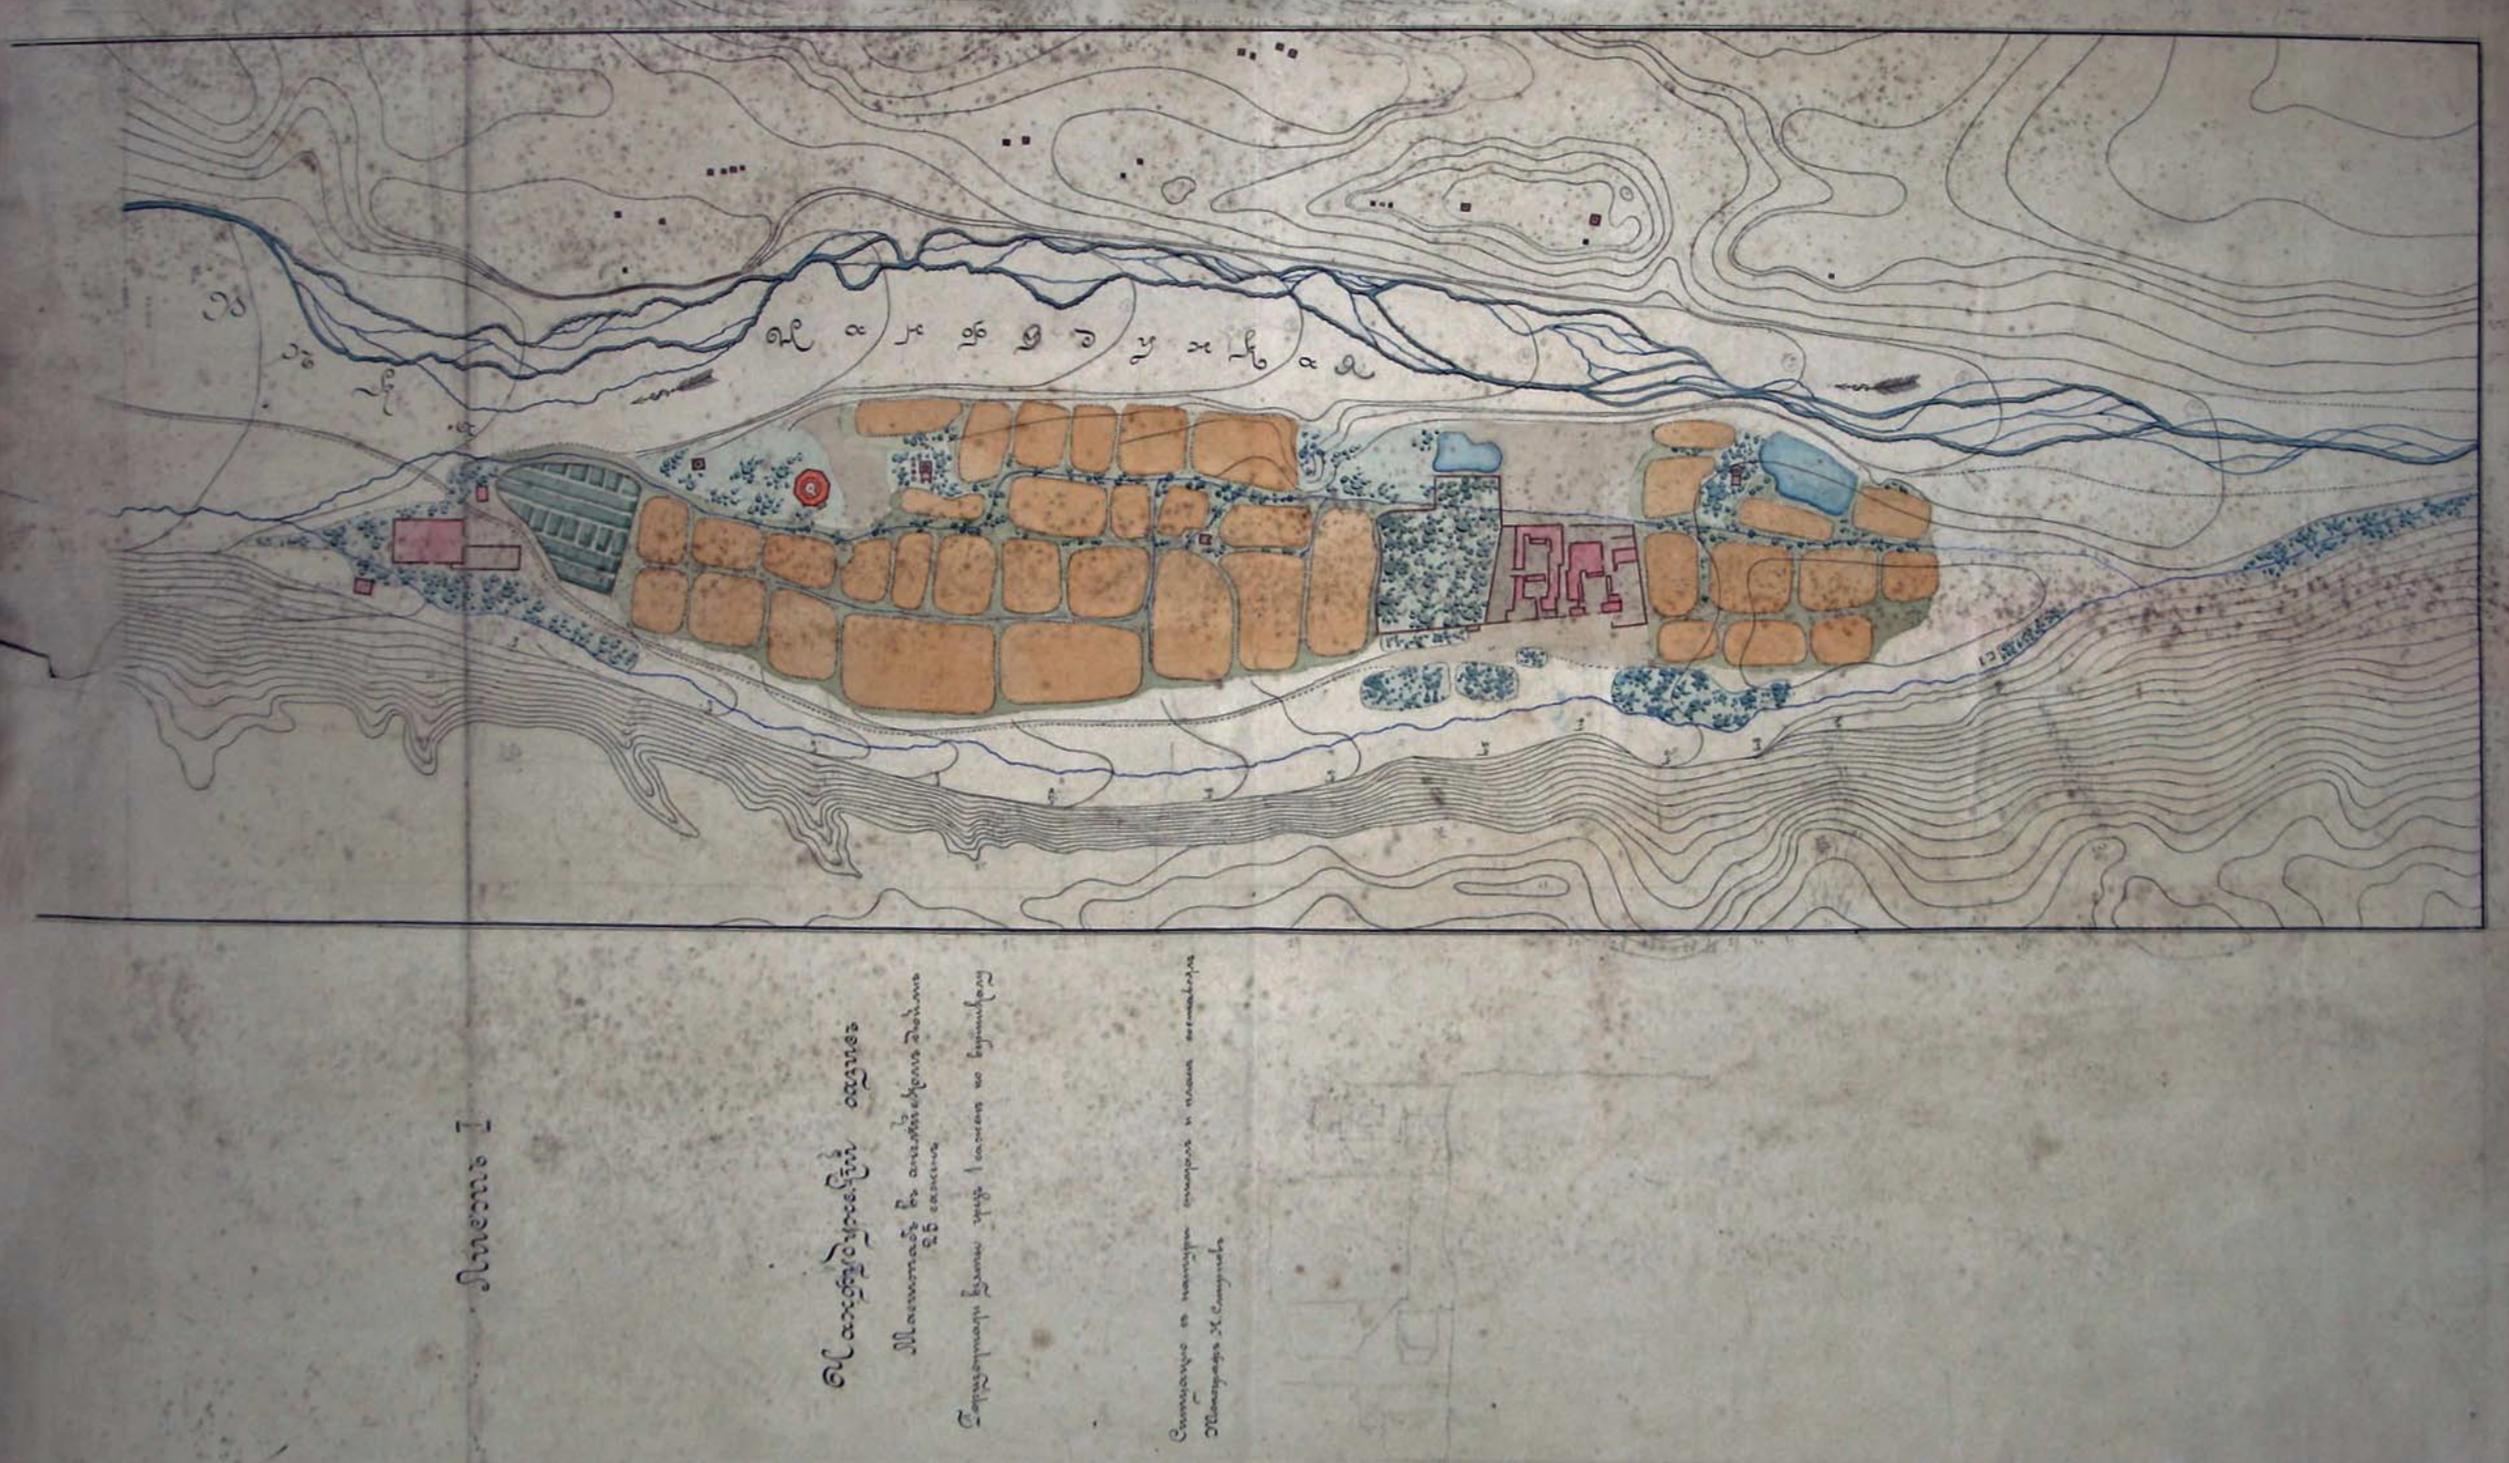 В СПбГУ представят уникальные материалы Русских Туркестанских экспедиций начала XX века